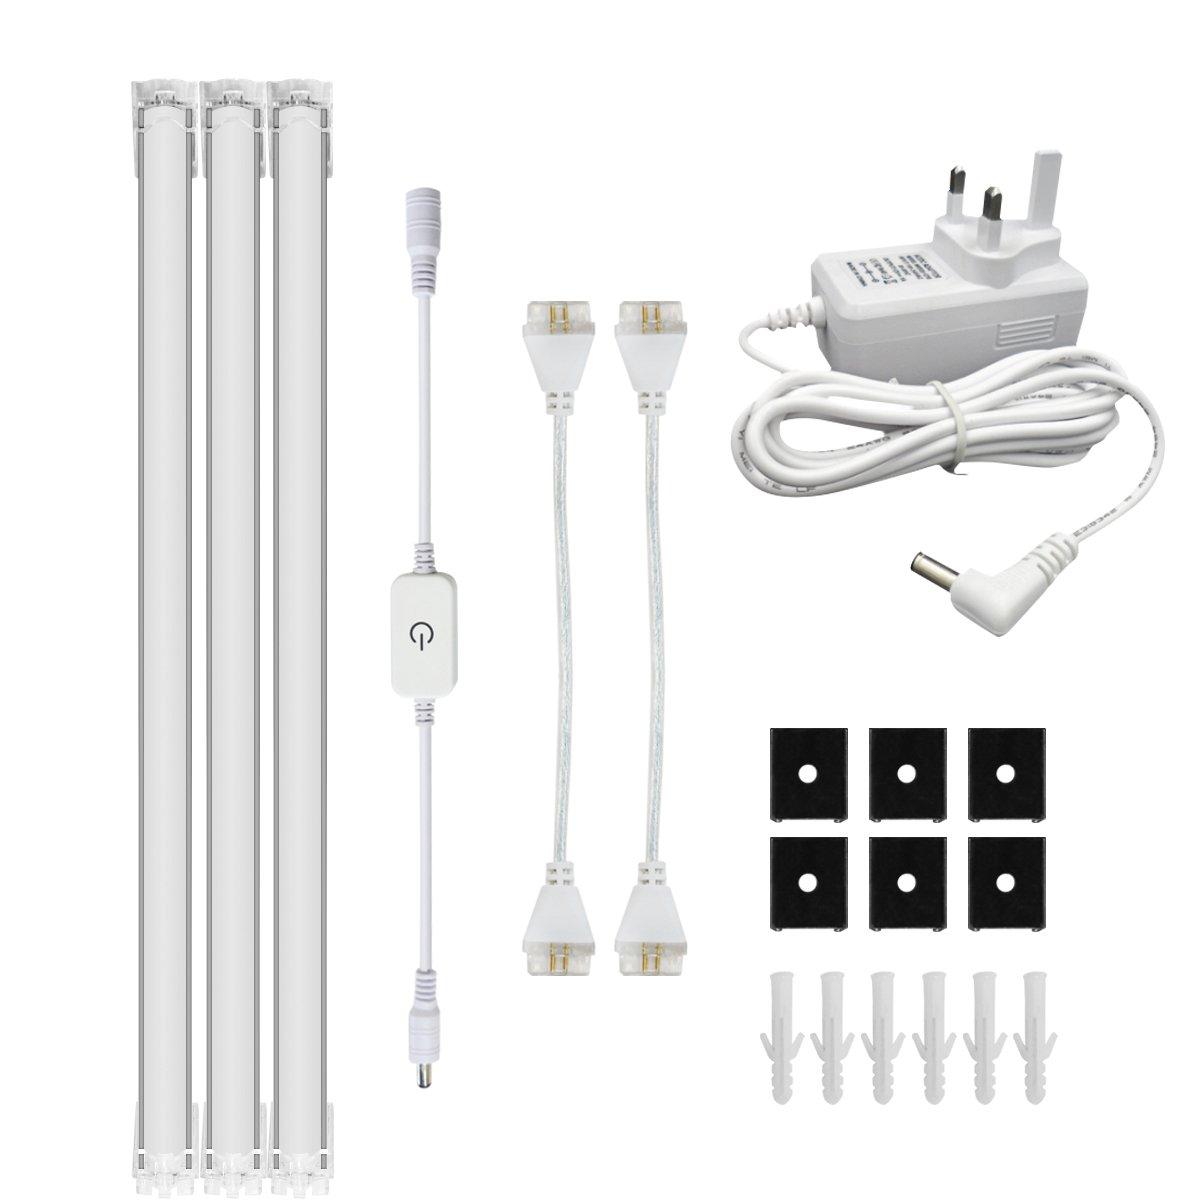 simpome LED Unter Schrank Licht Kit, dimmbar unter Zähler ...